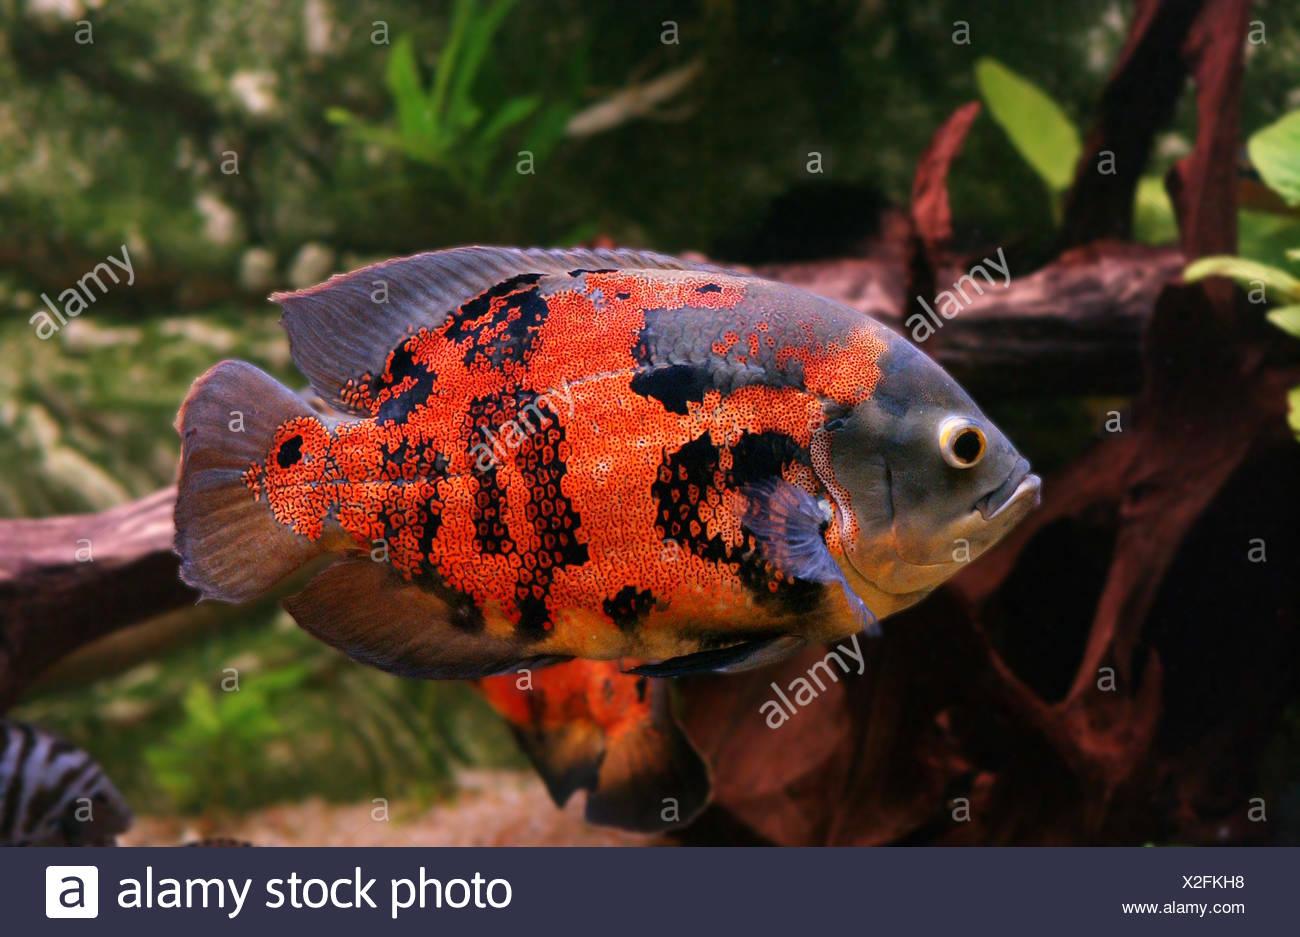 Oscar Fish Stock Photos & Oscar Fish Stock Images - Alamy